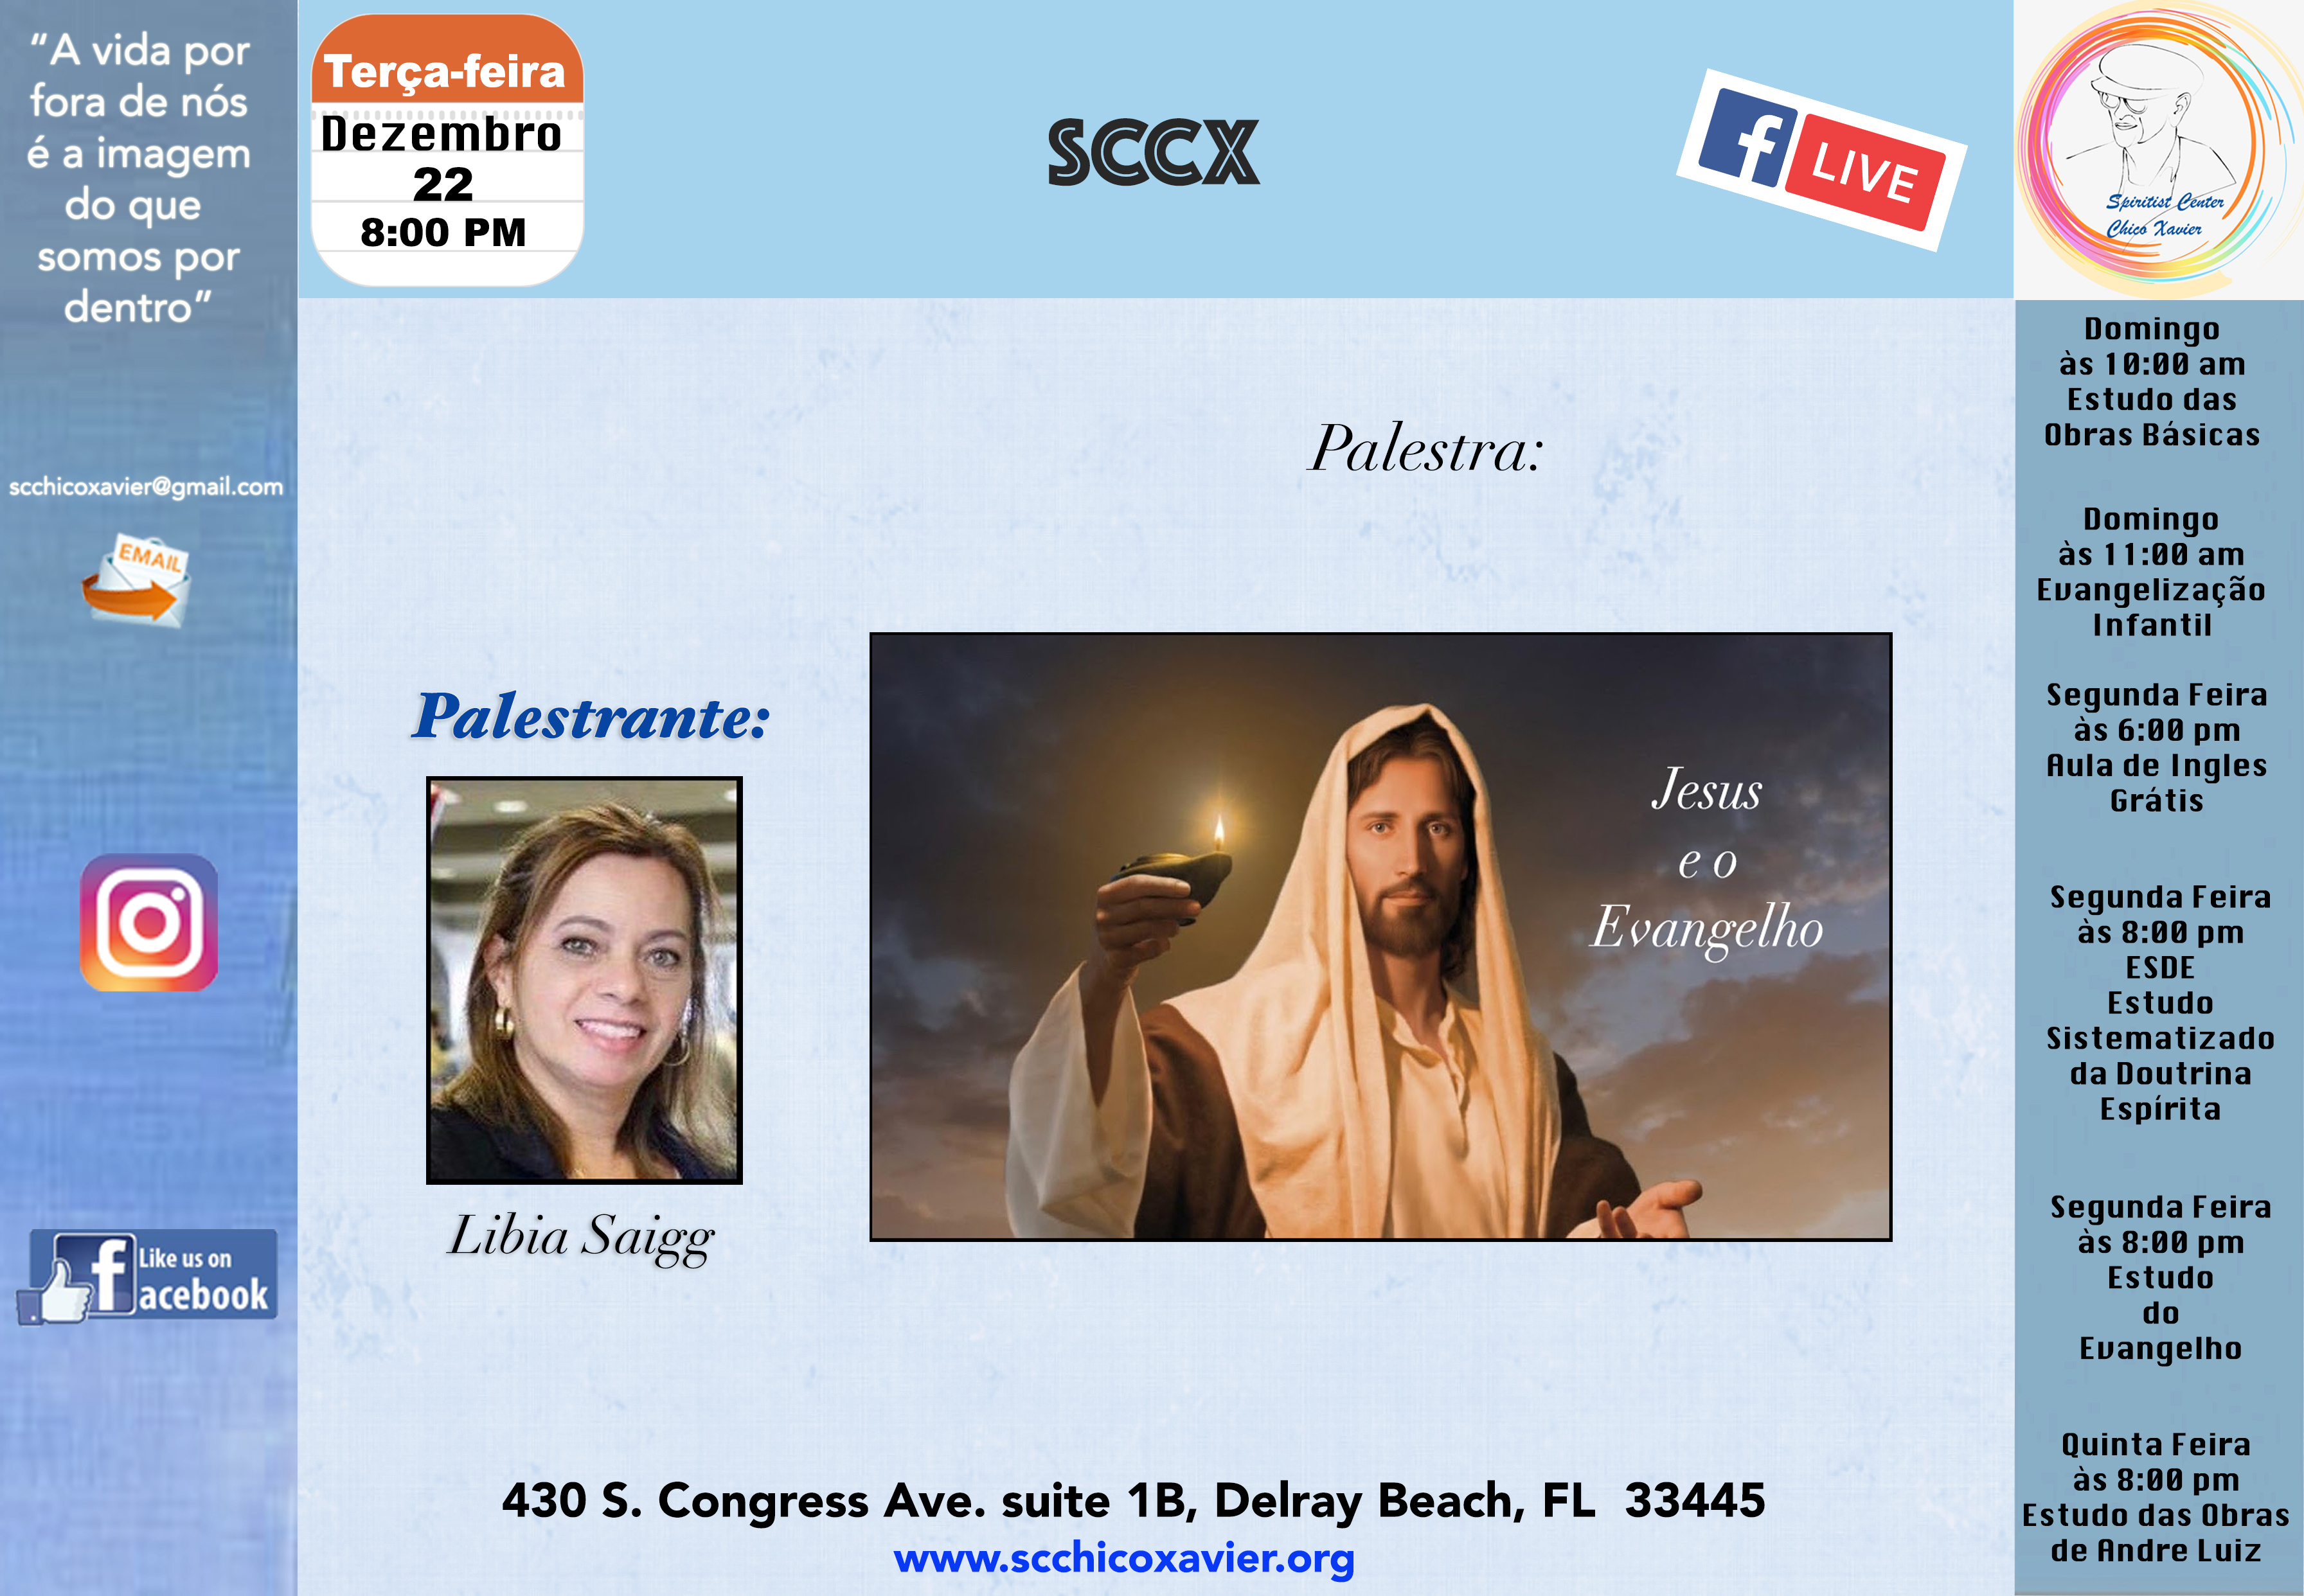 Libia Saigg - Jesus e o Evangelho